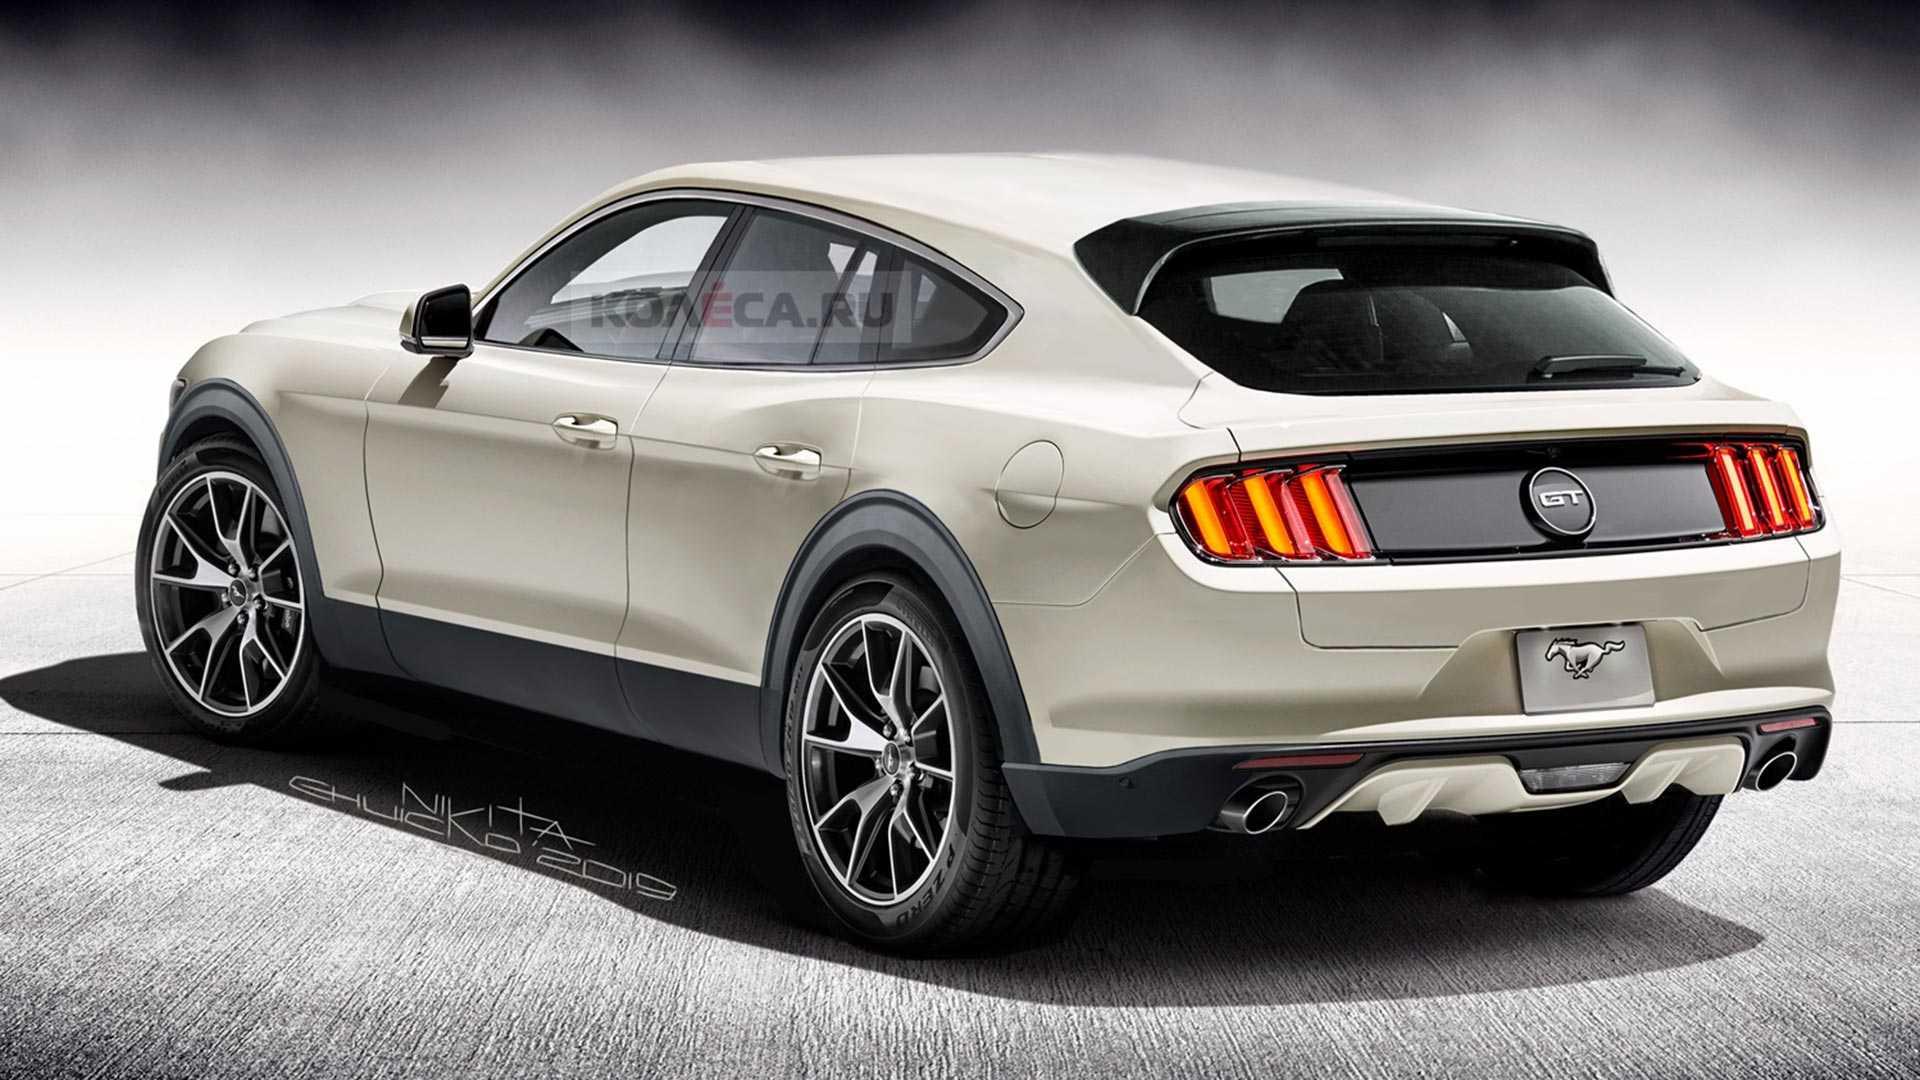 El SUV inspirado en el Ford Mustang podría tener este aspecto